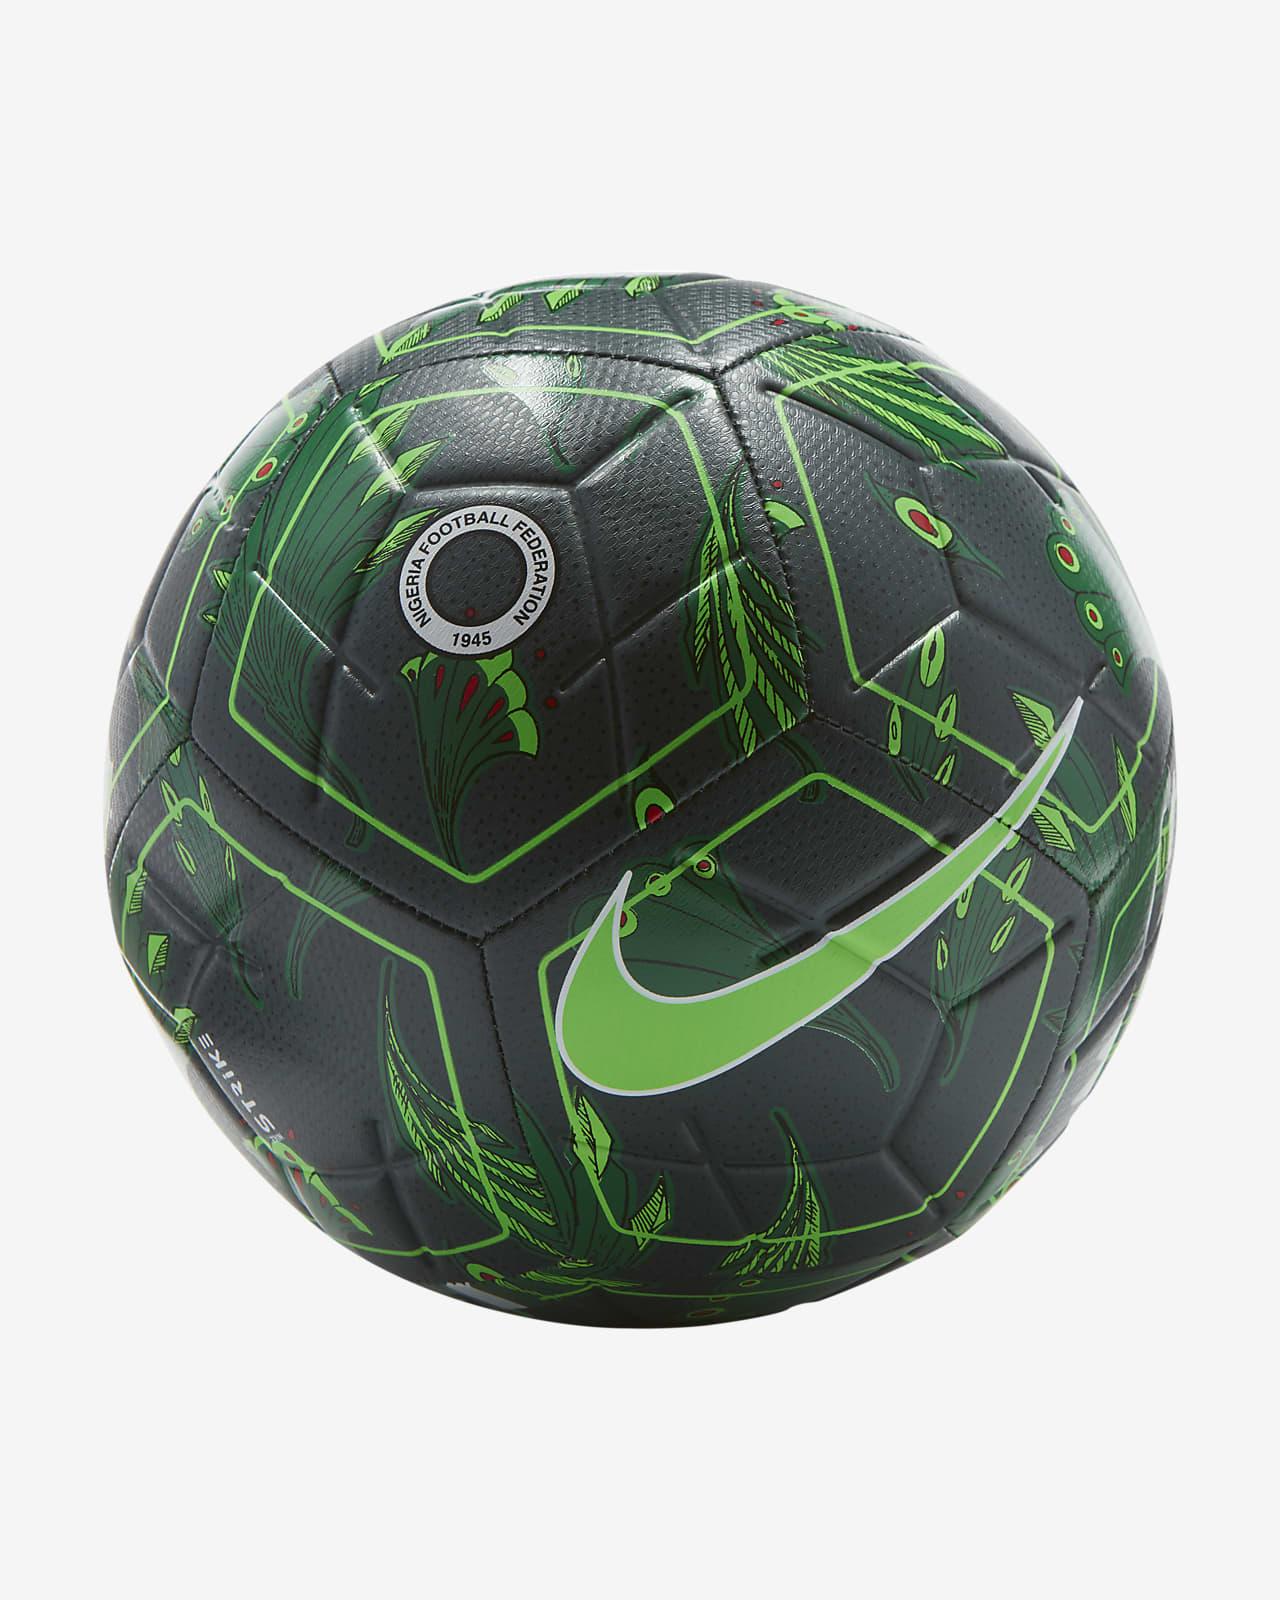 Piłka do piłki nożnej Nigeria Strike